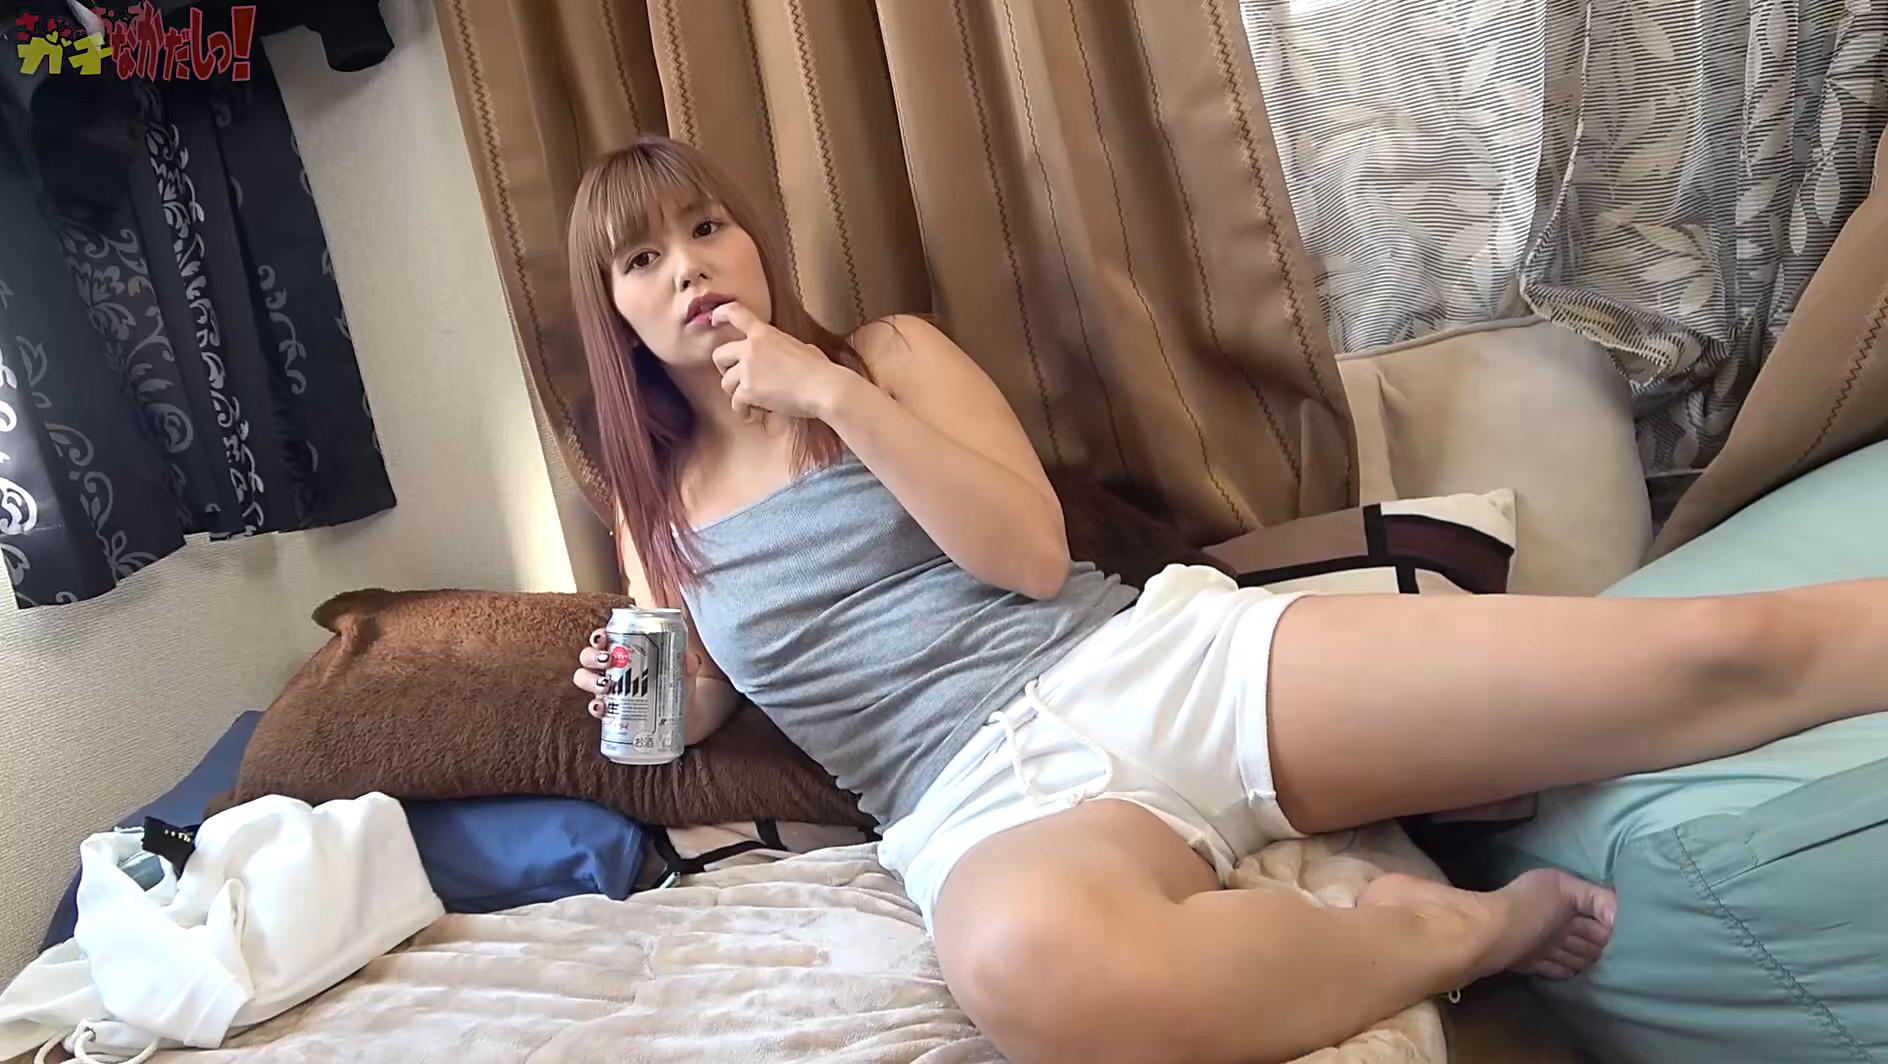 【泥酔女子!】昼から酒飲むクロスバイクギャルはビールもち〇こも生が好き!自粛期間に溜まった性欲をぶつけてくる肉食女子と生ハメ中出し!